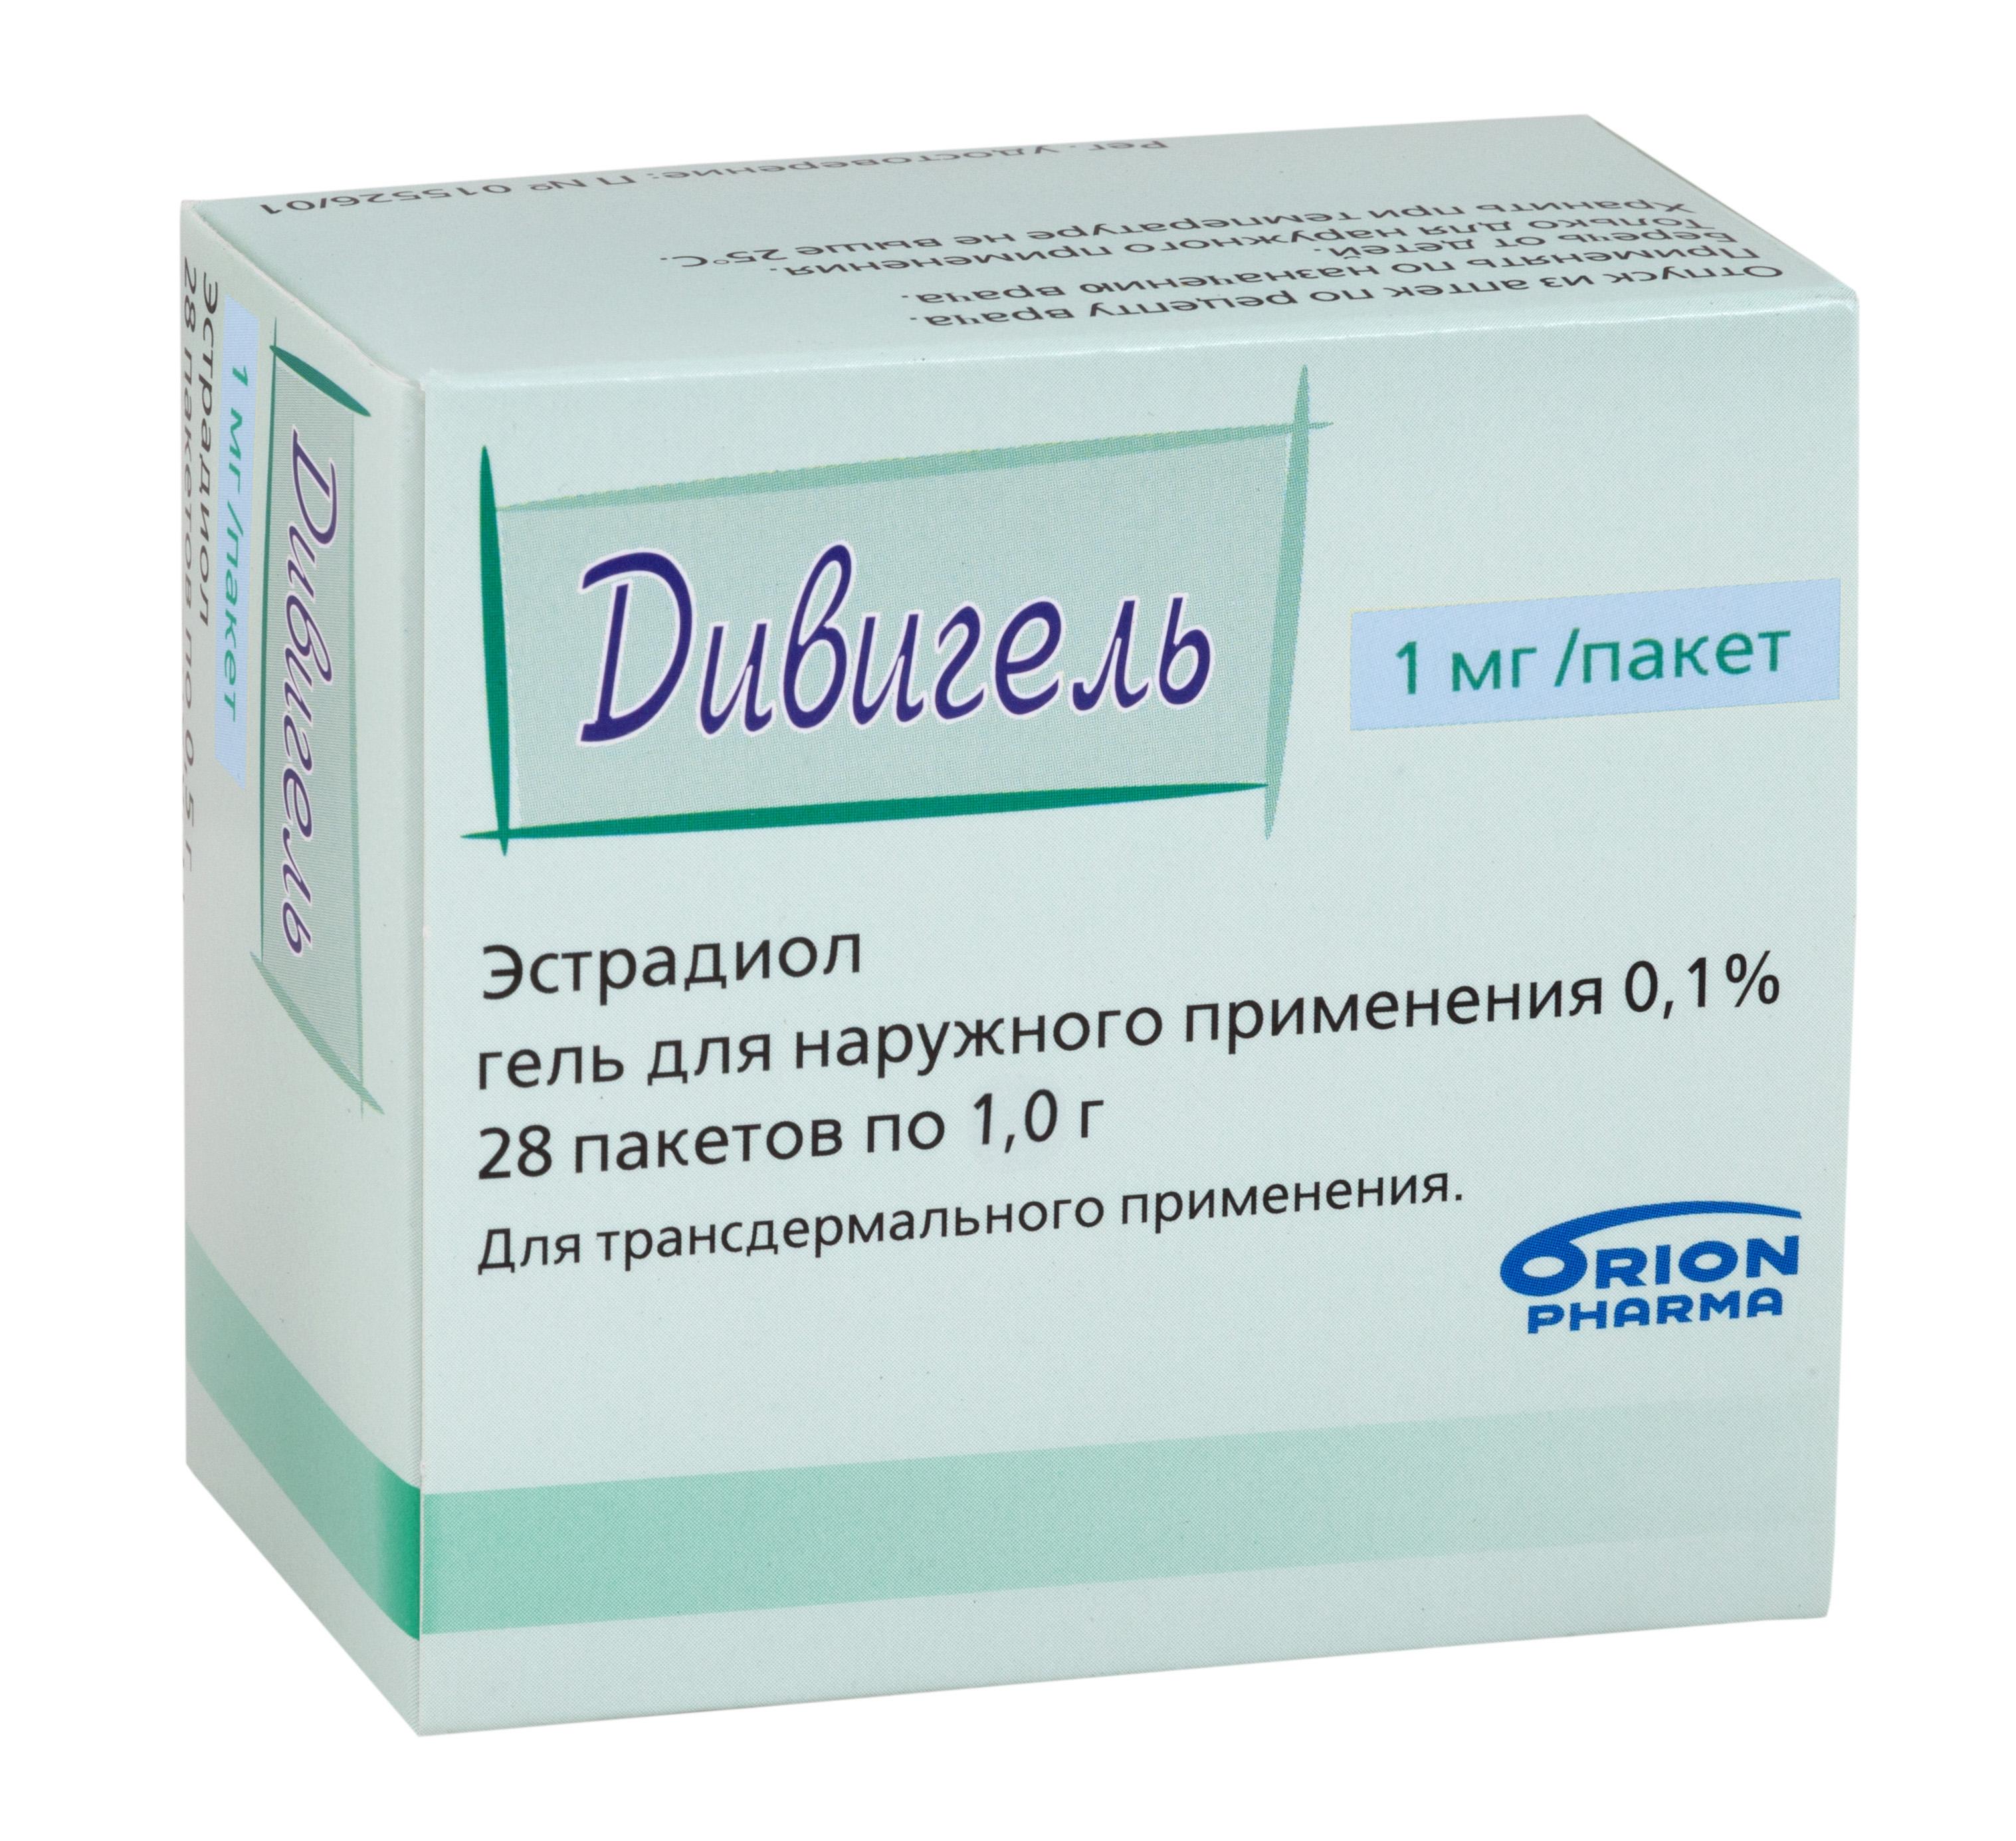 Дивигель гель трансдерм. 0,1% 1г n28